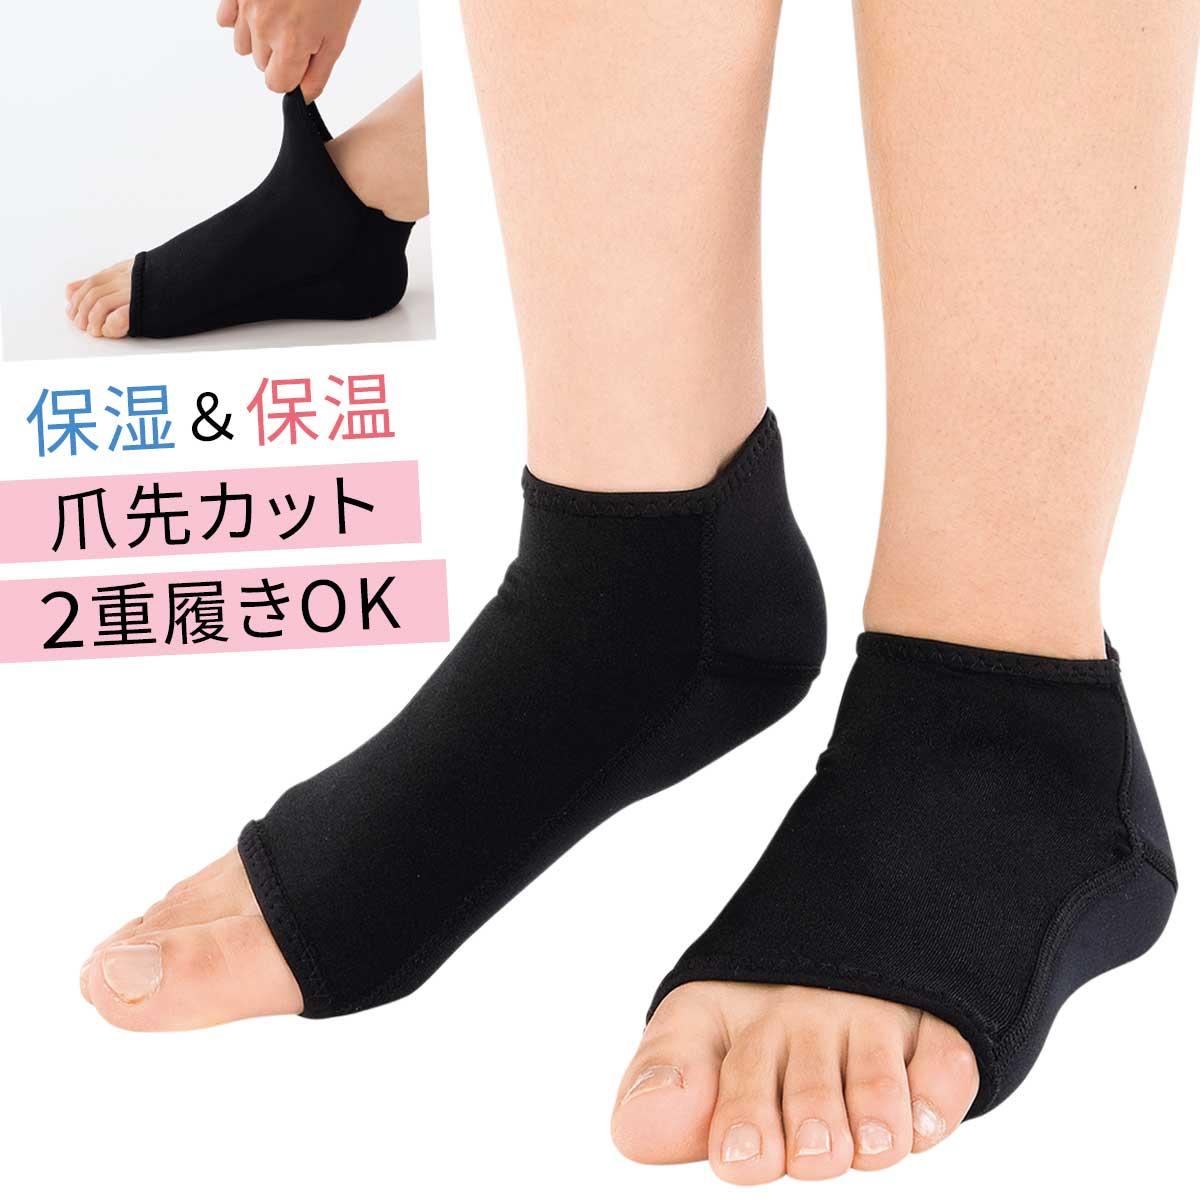 チタンでかかとしっとり!フィットしやすく保温、保湿効果抜群! 靴下 かかと 保湿 チタン 素足小町 ロング メール便対応